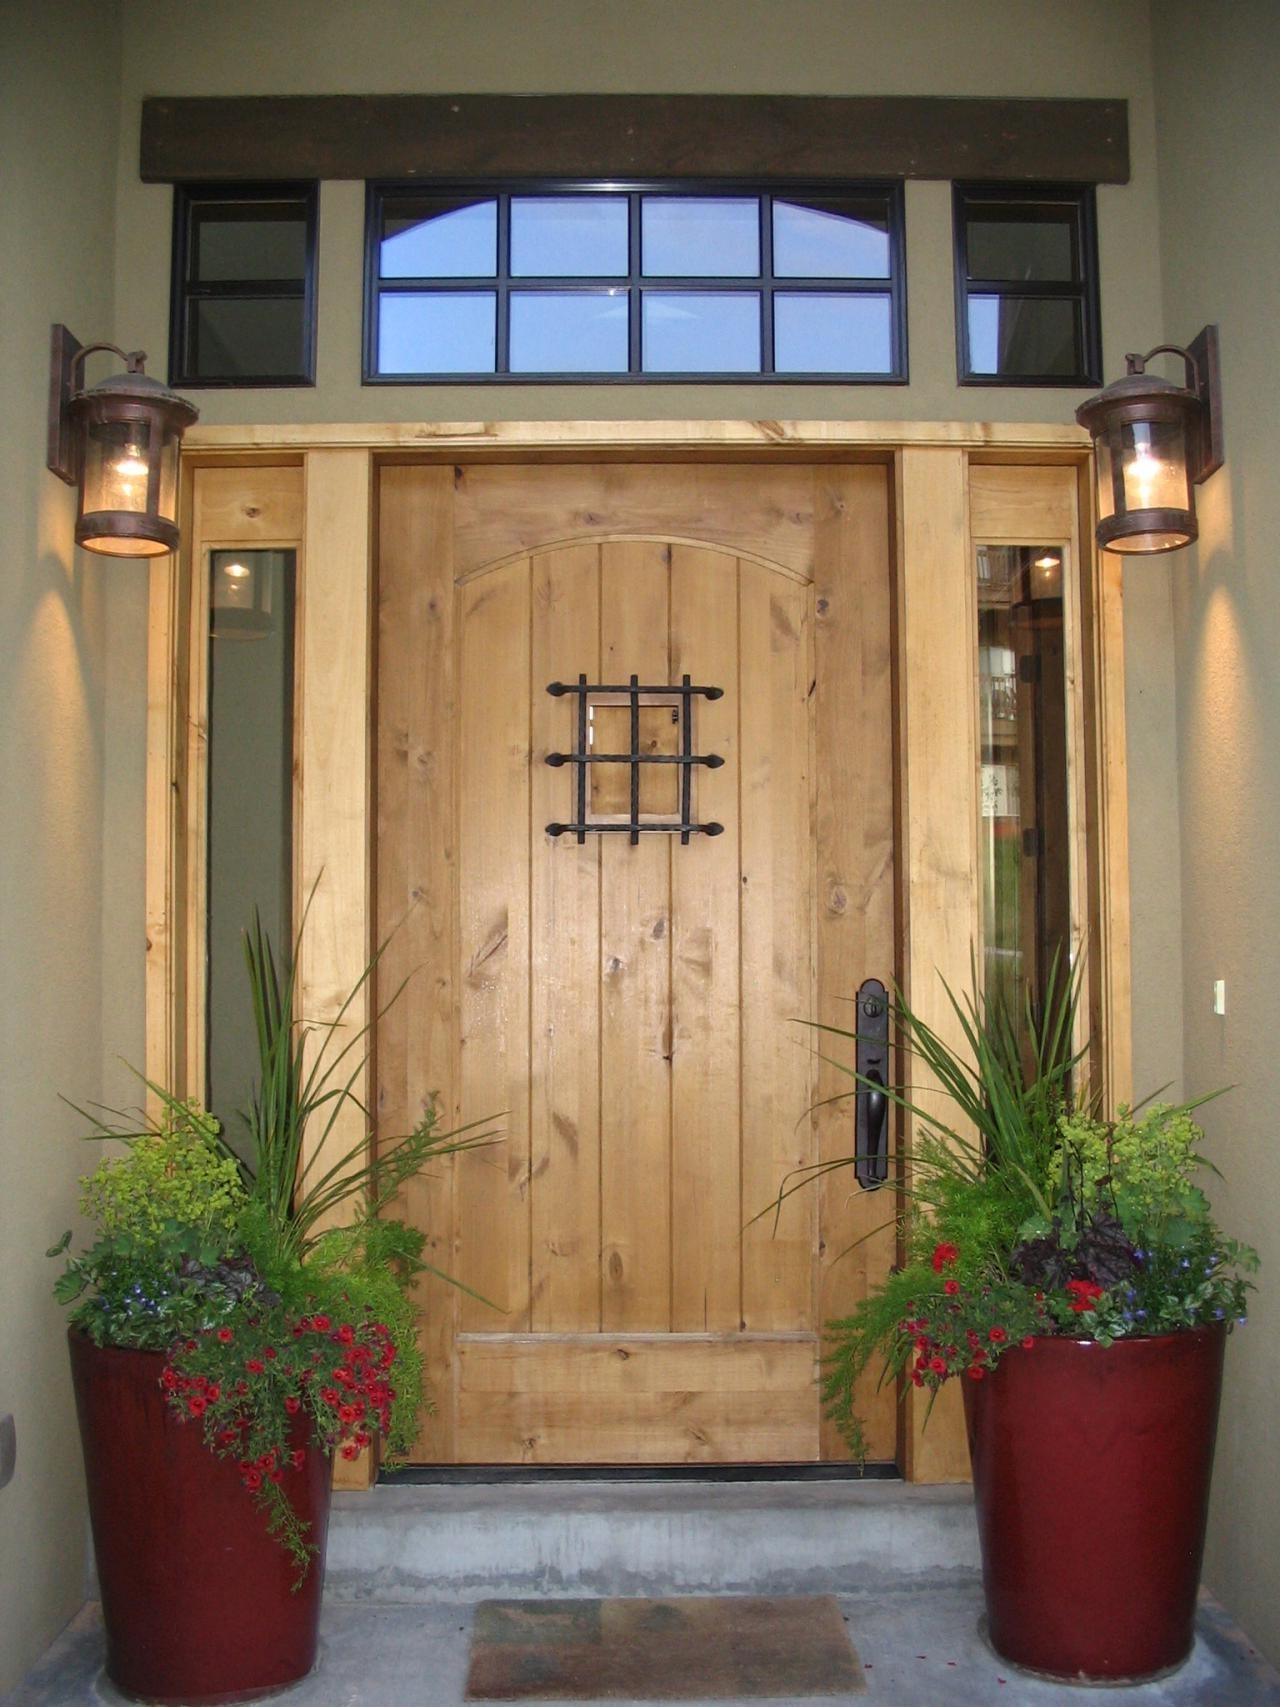 Trendy Front Door Outdoor Hanging Lights For Front Porch Hanging Light Height Outdoorant Lantern Lights Wall (View 17 of 20)